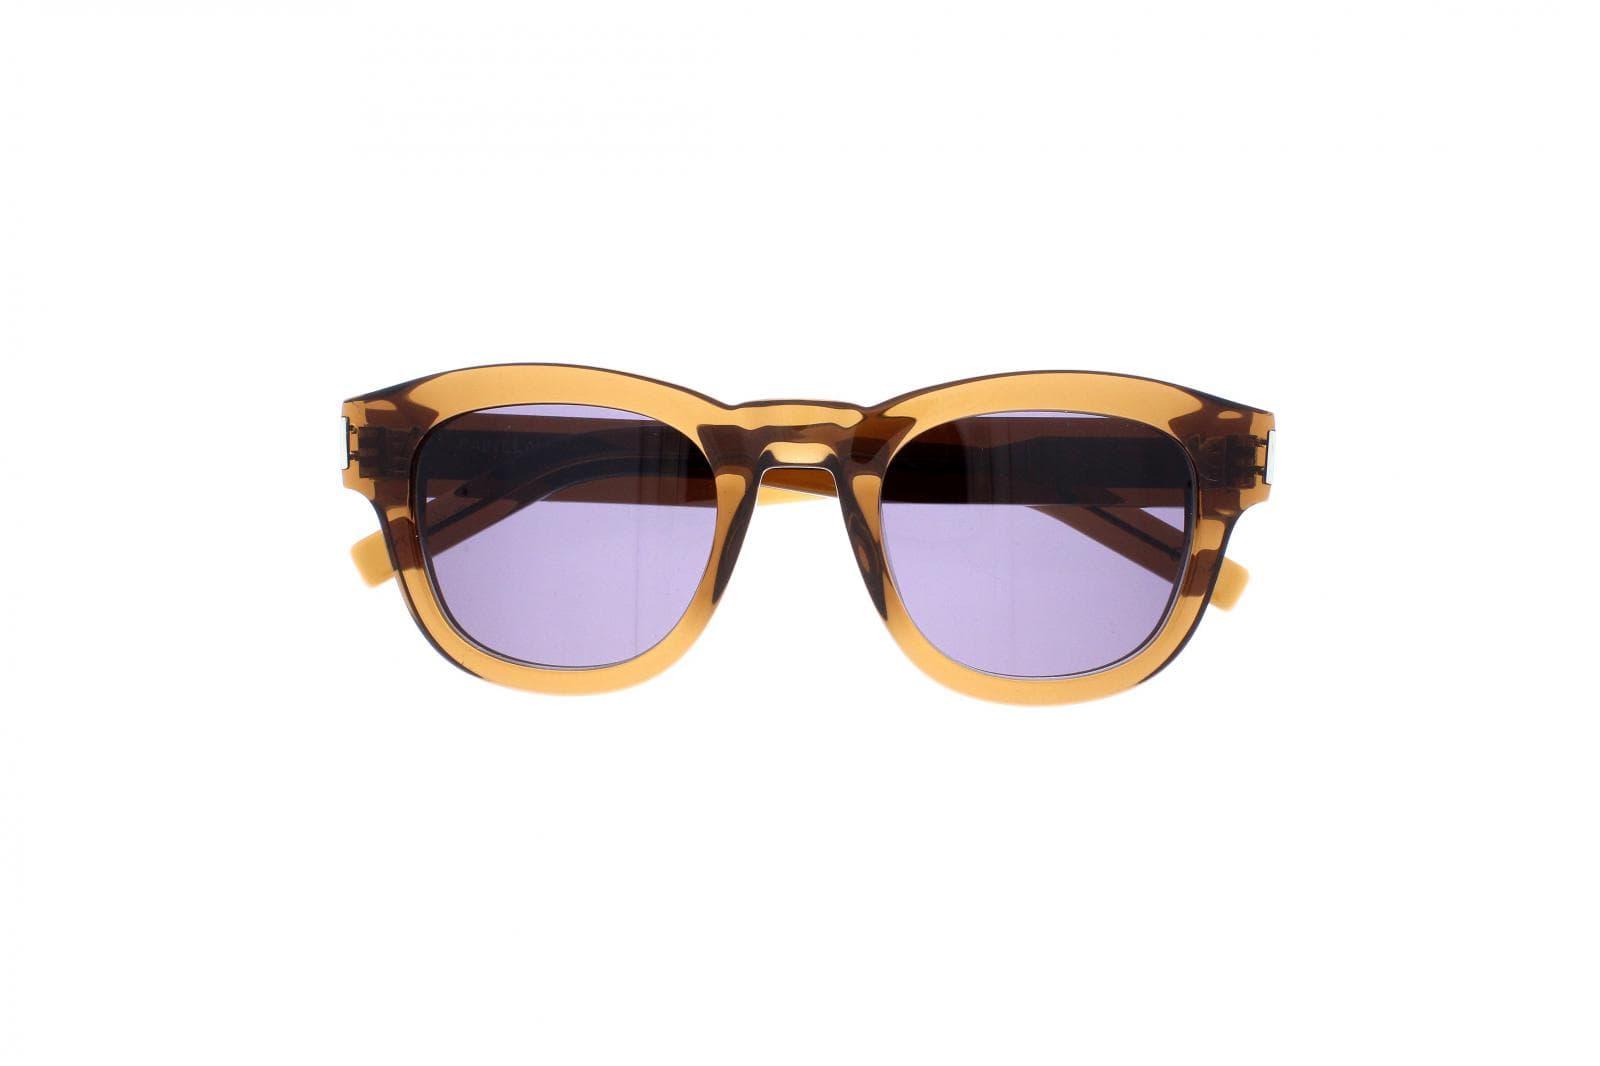 Lunettes de Soleil Yves Saint Laurent Ysl Bold 2 K7My1 49 pas cher ... 420e88272020